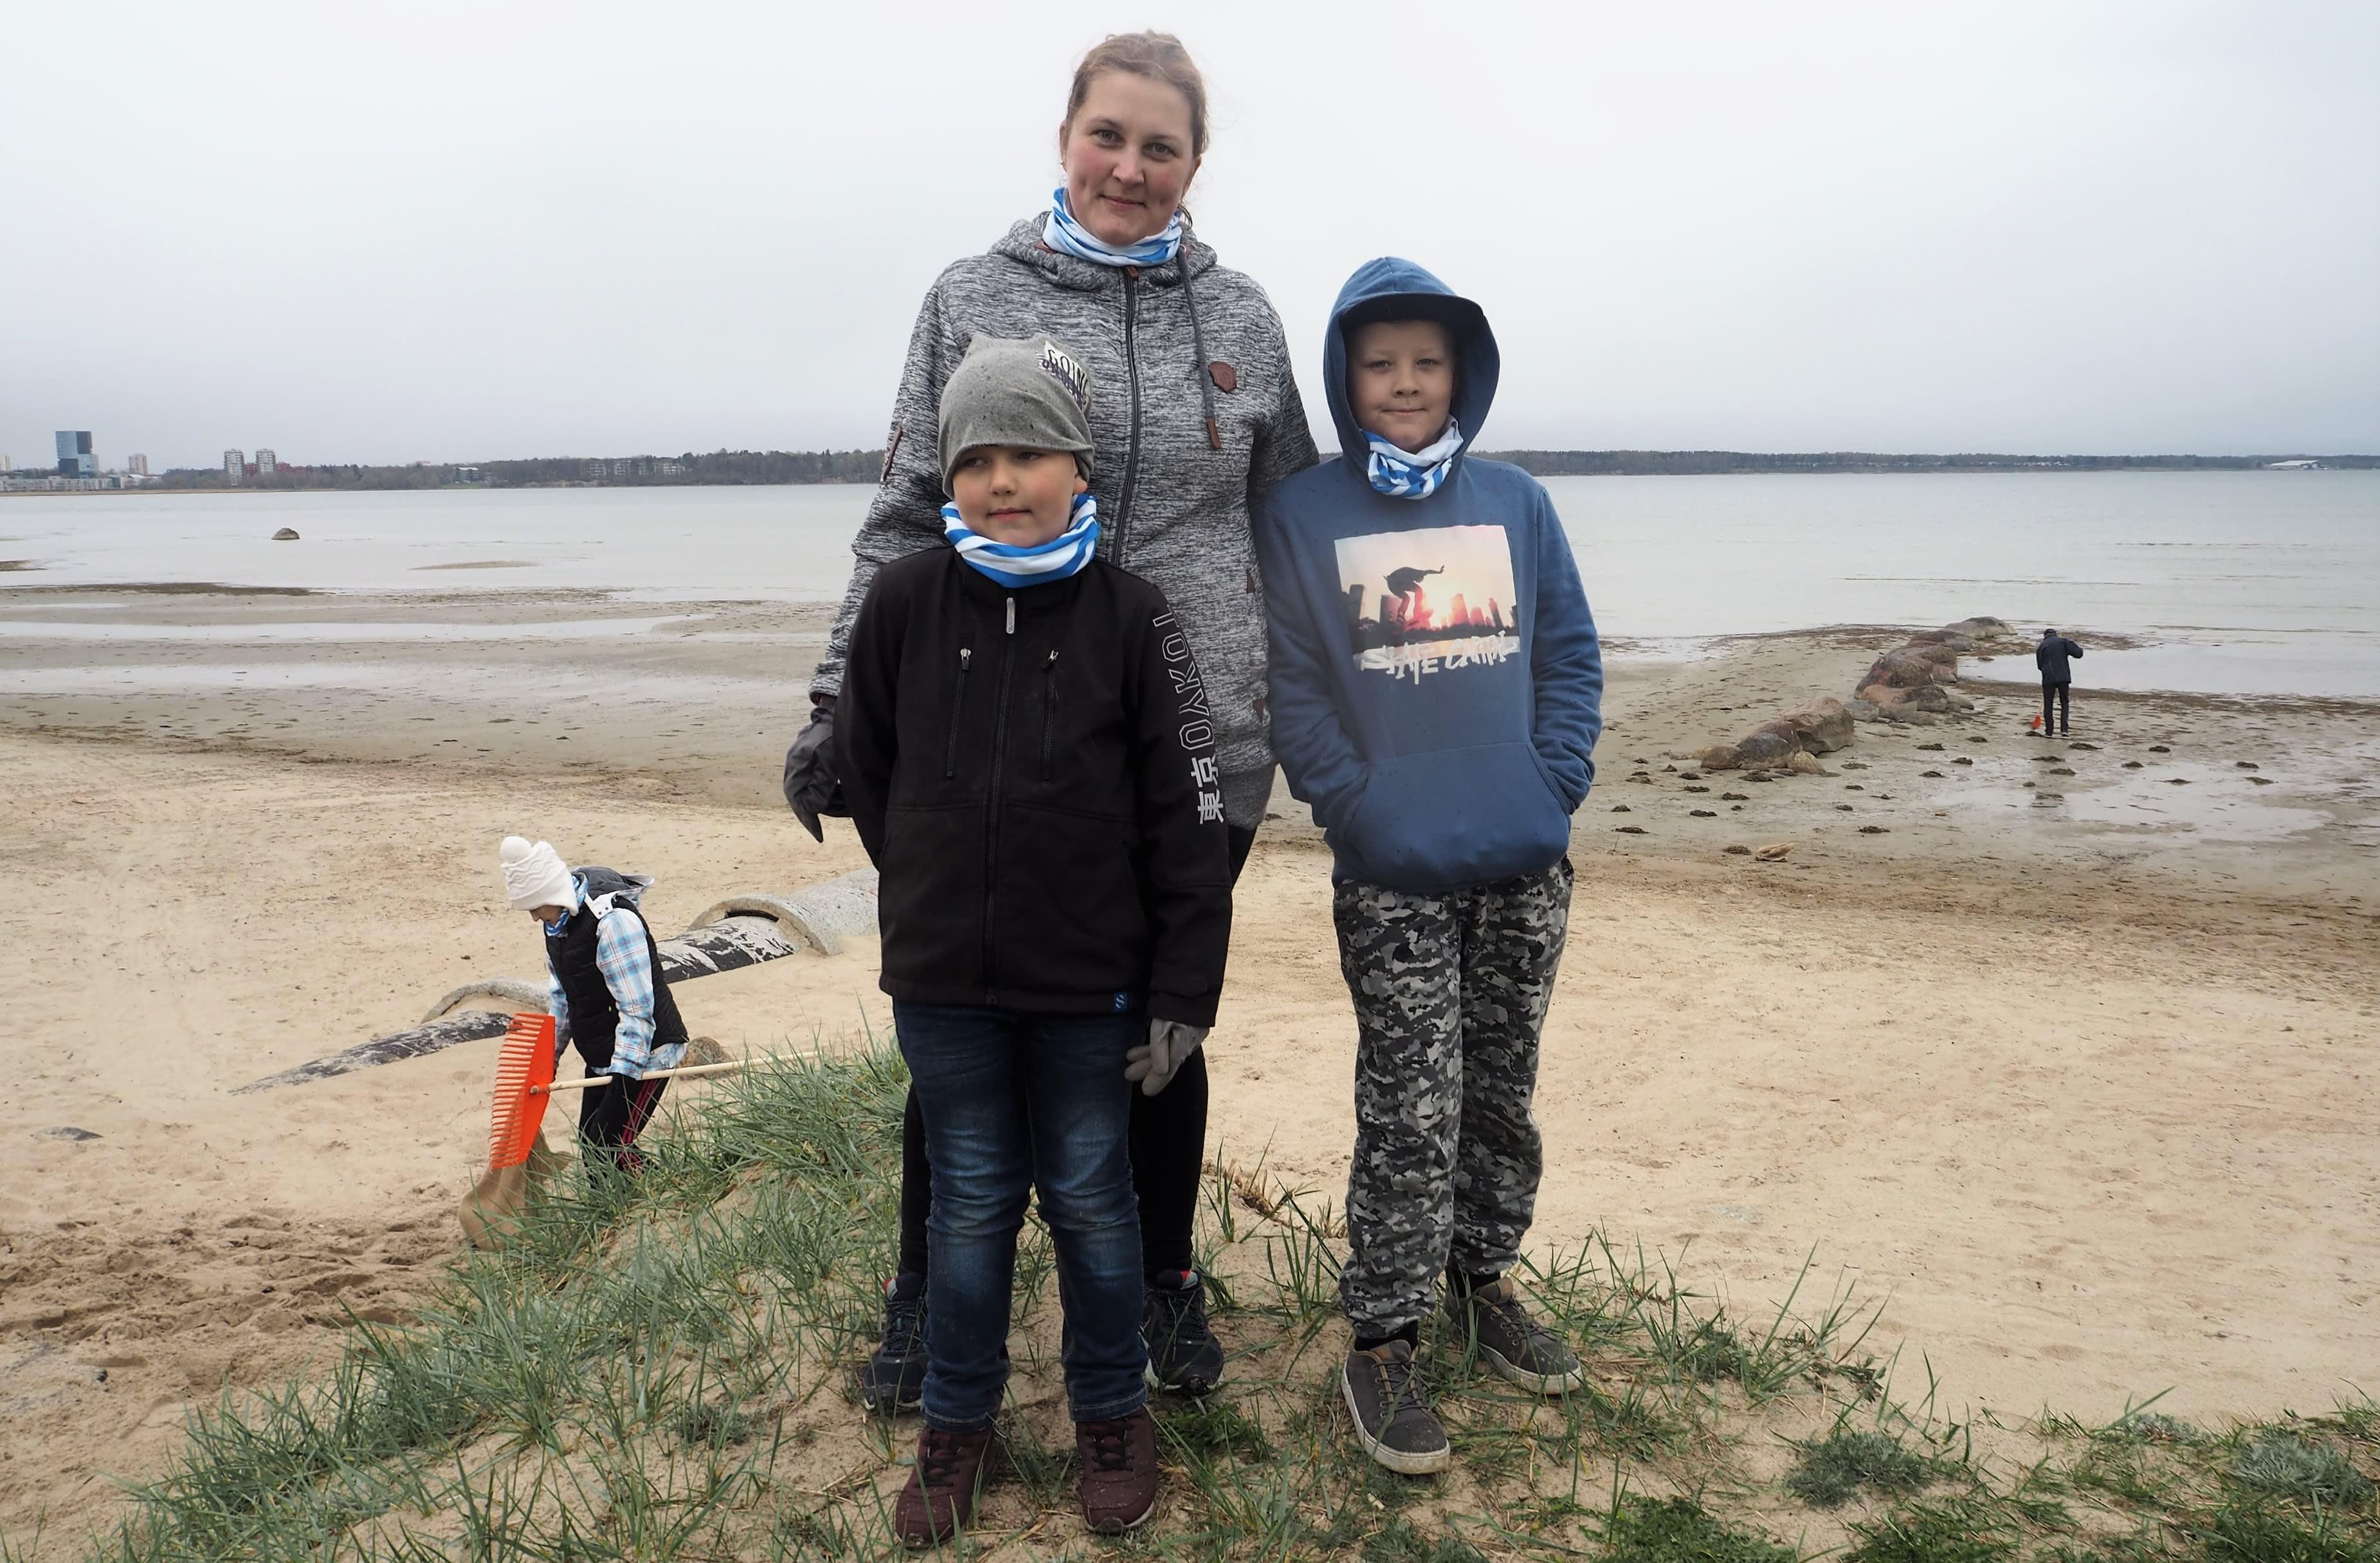 Kerli Vallmann siivosi Stroomin uimarantaa lastensa Jonathan Ahten (oik.) ja Taaniel Ahten kanssa.